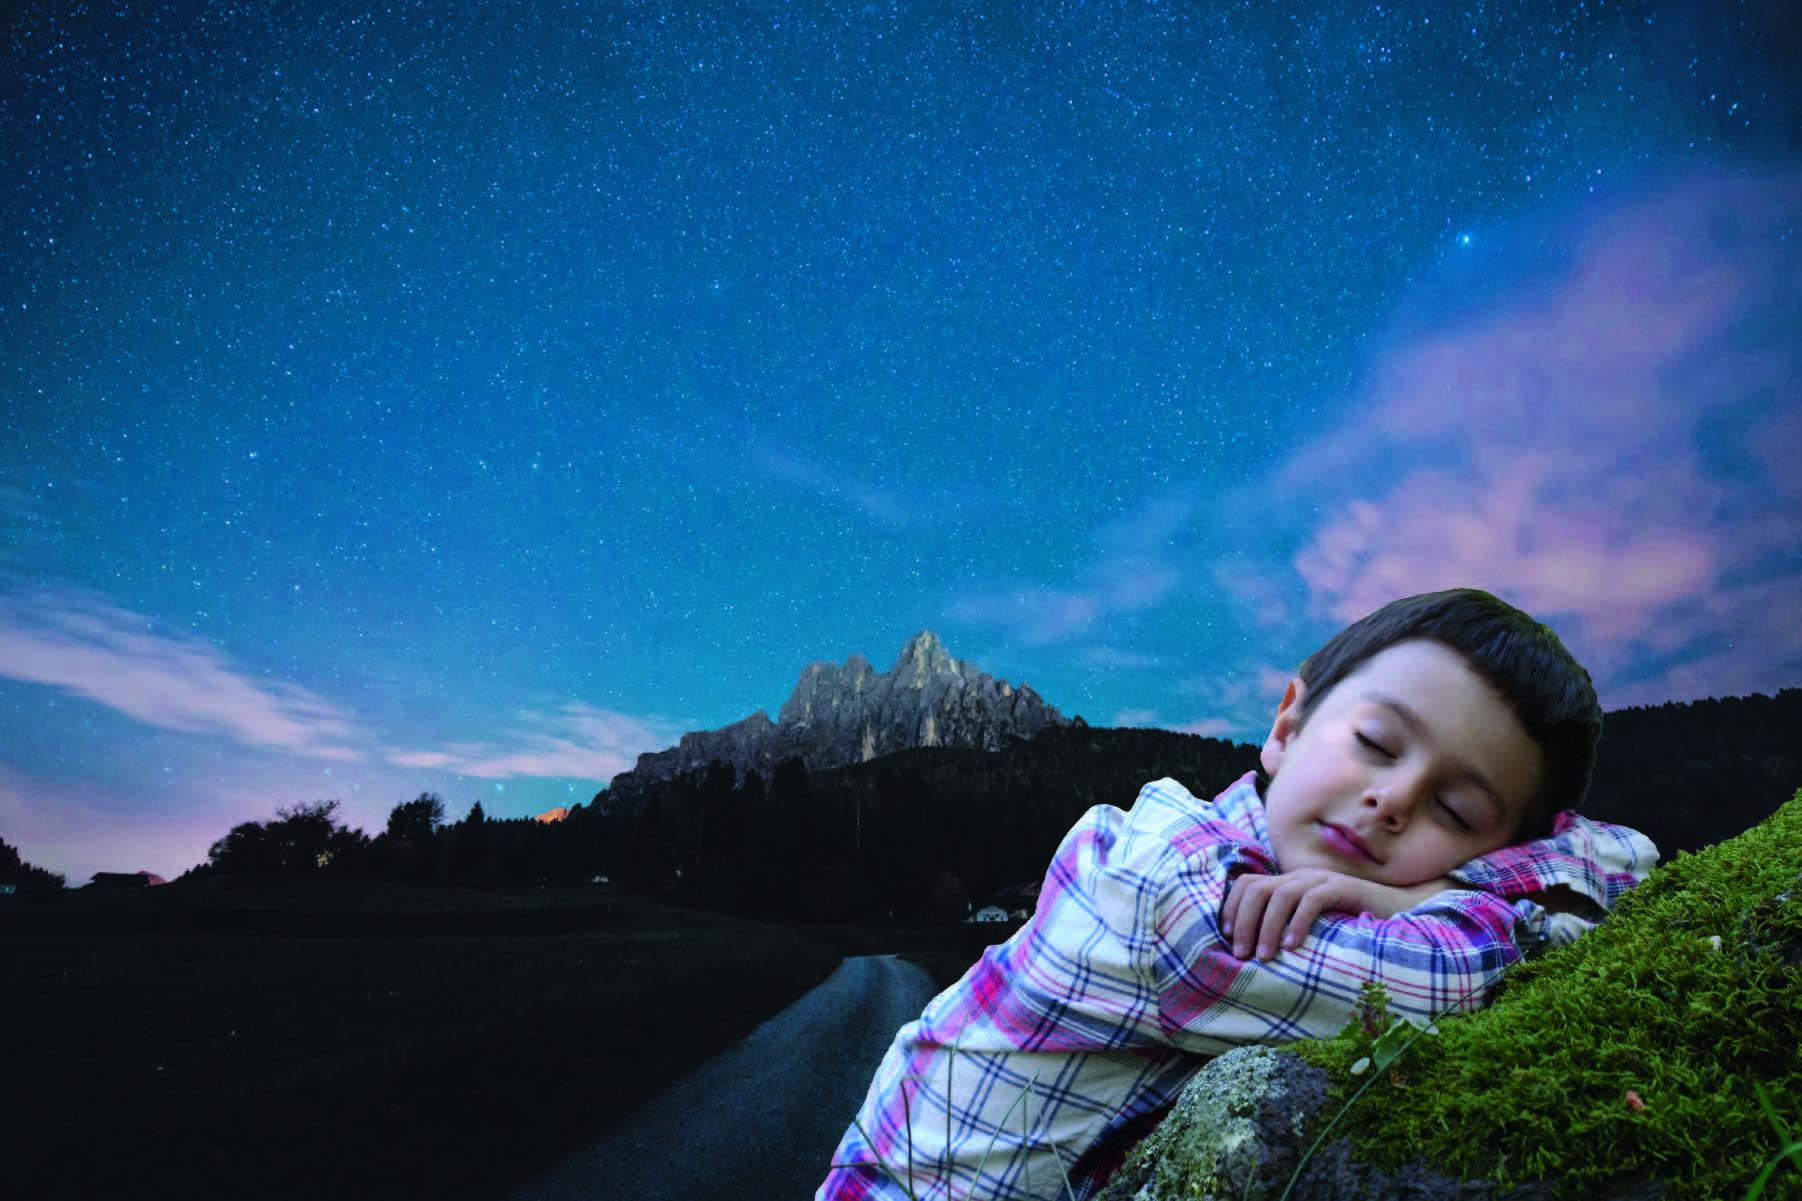 Una notte al parco